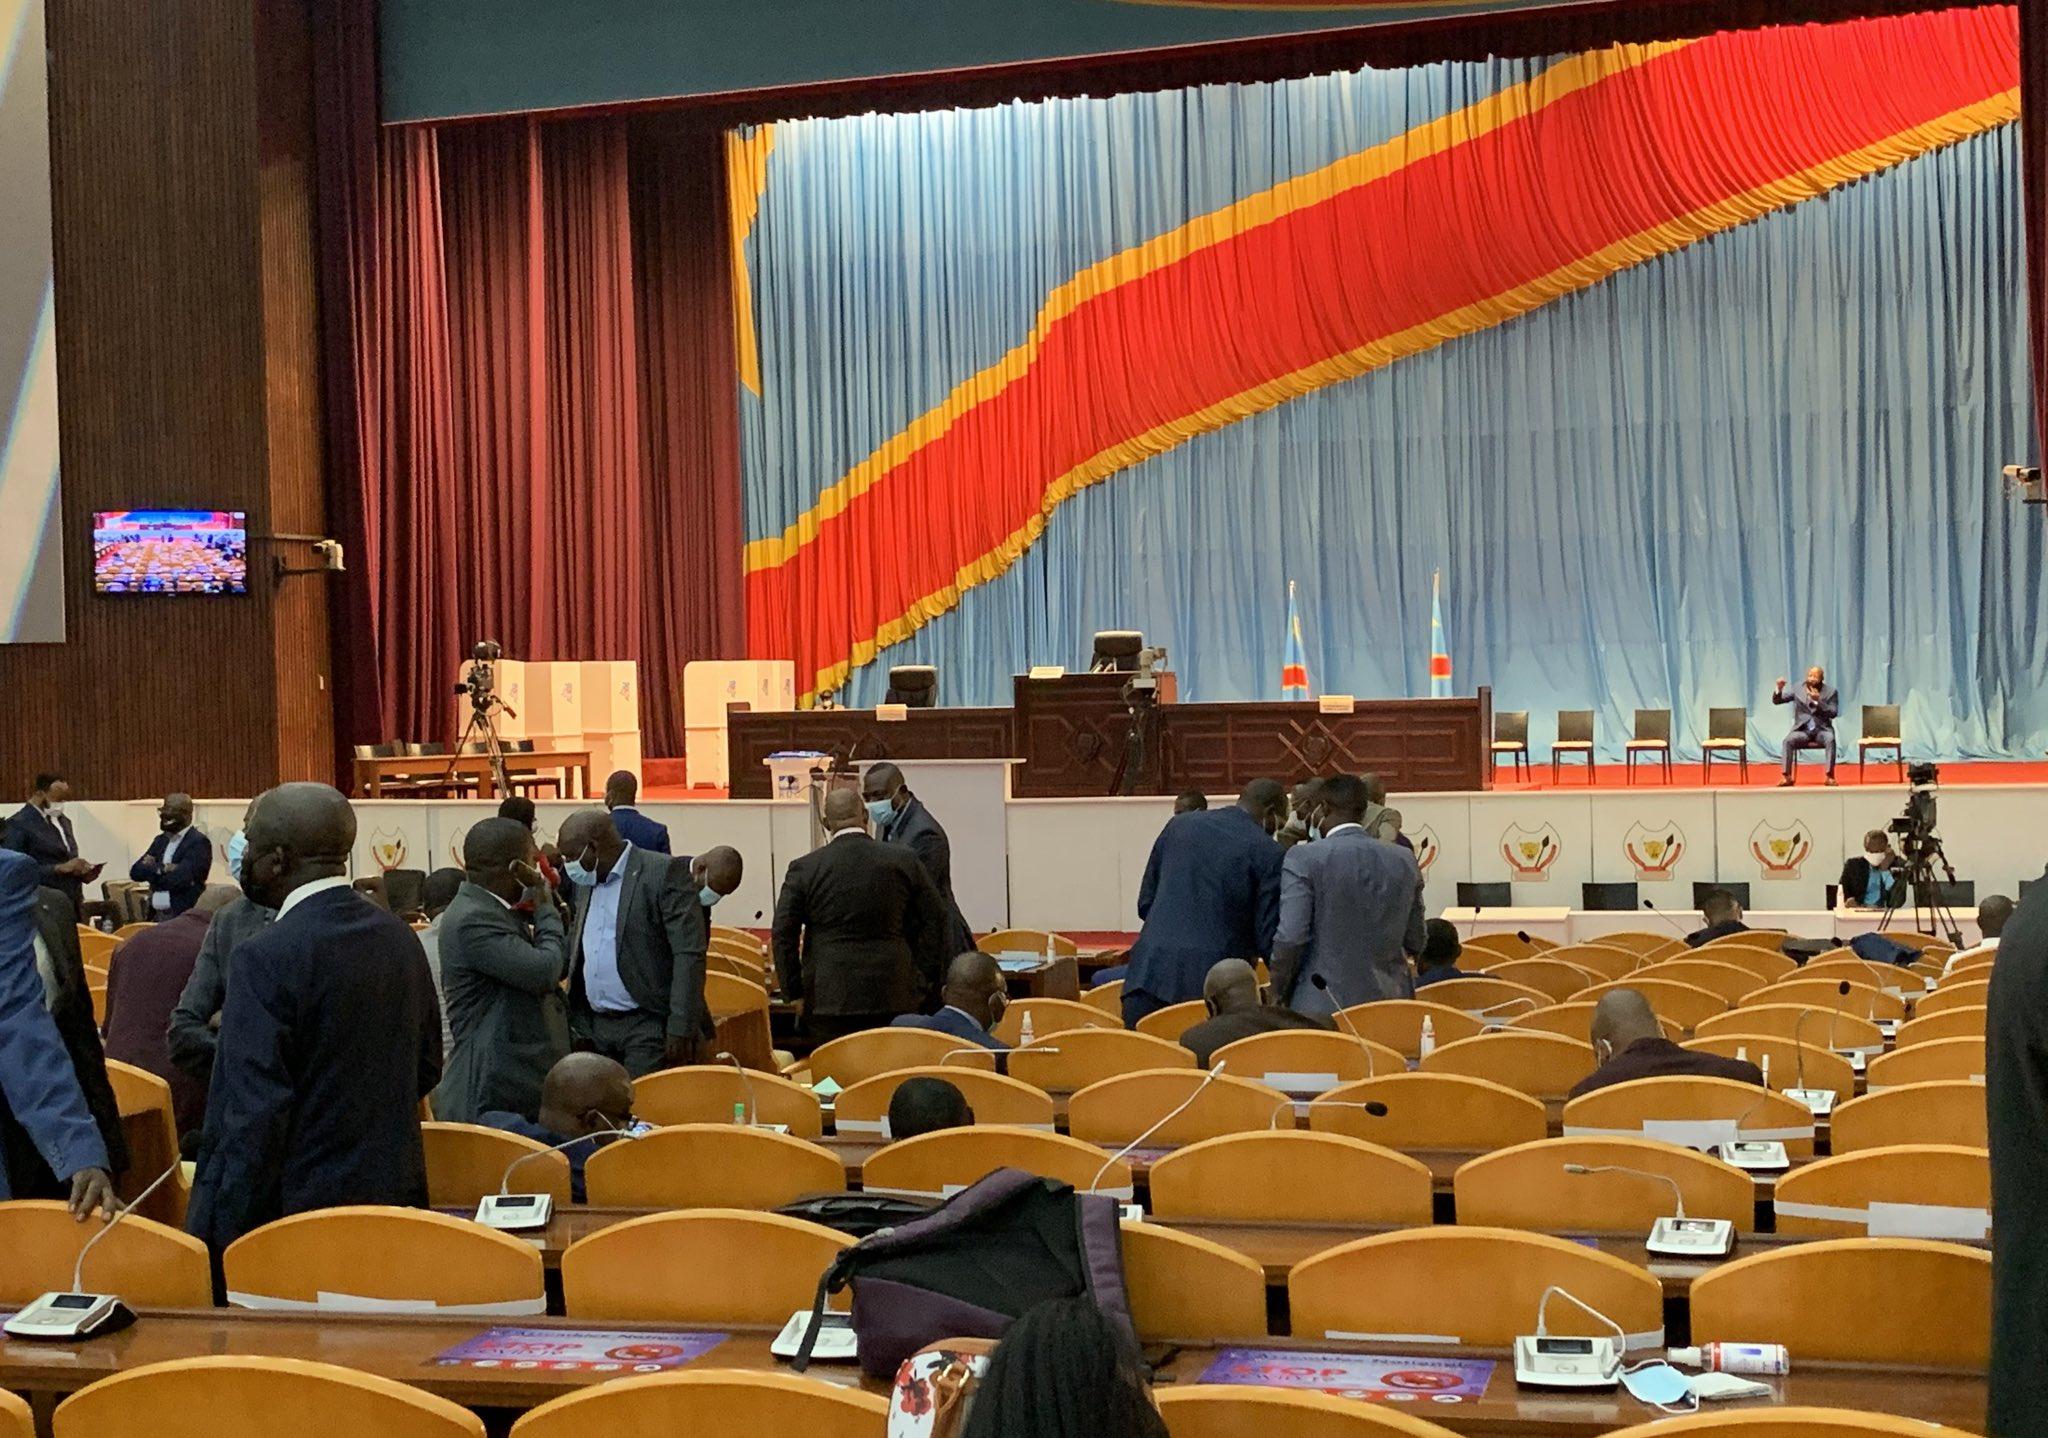 RDC : Ilunkamba présente ses moyens de défense contre la motion de censure en six points ! 1